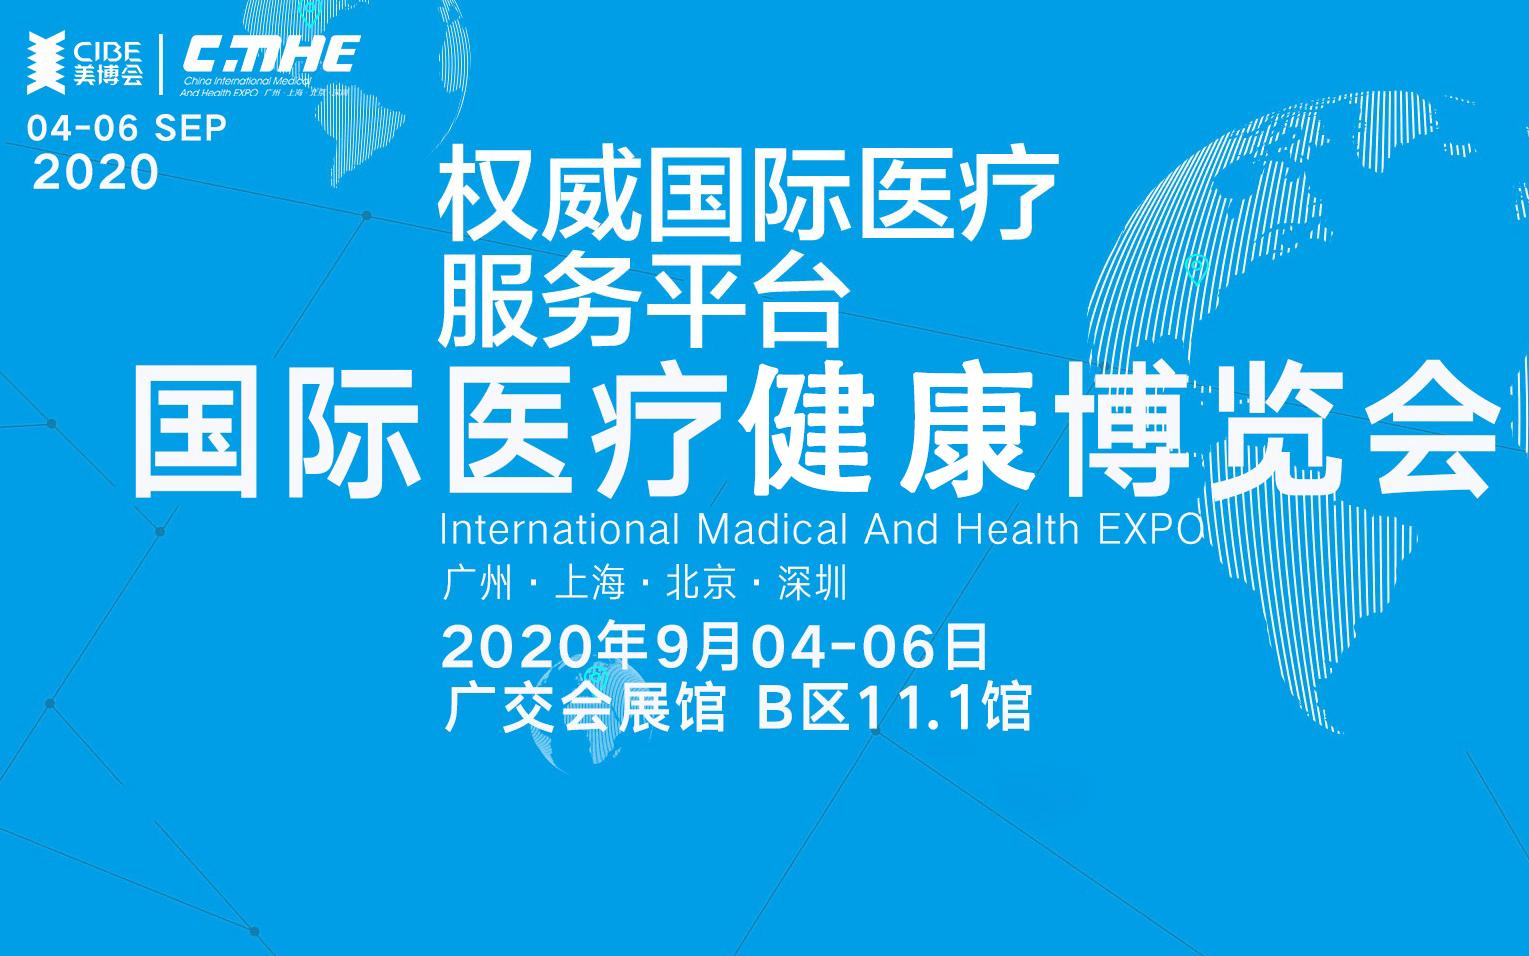 2020国际医疗健康博览会(CMHE)